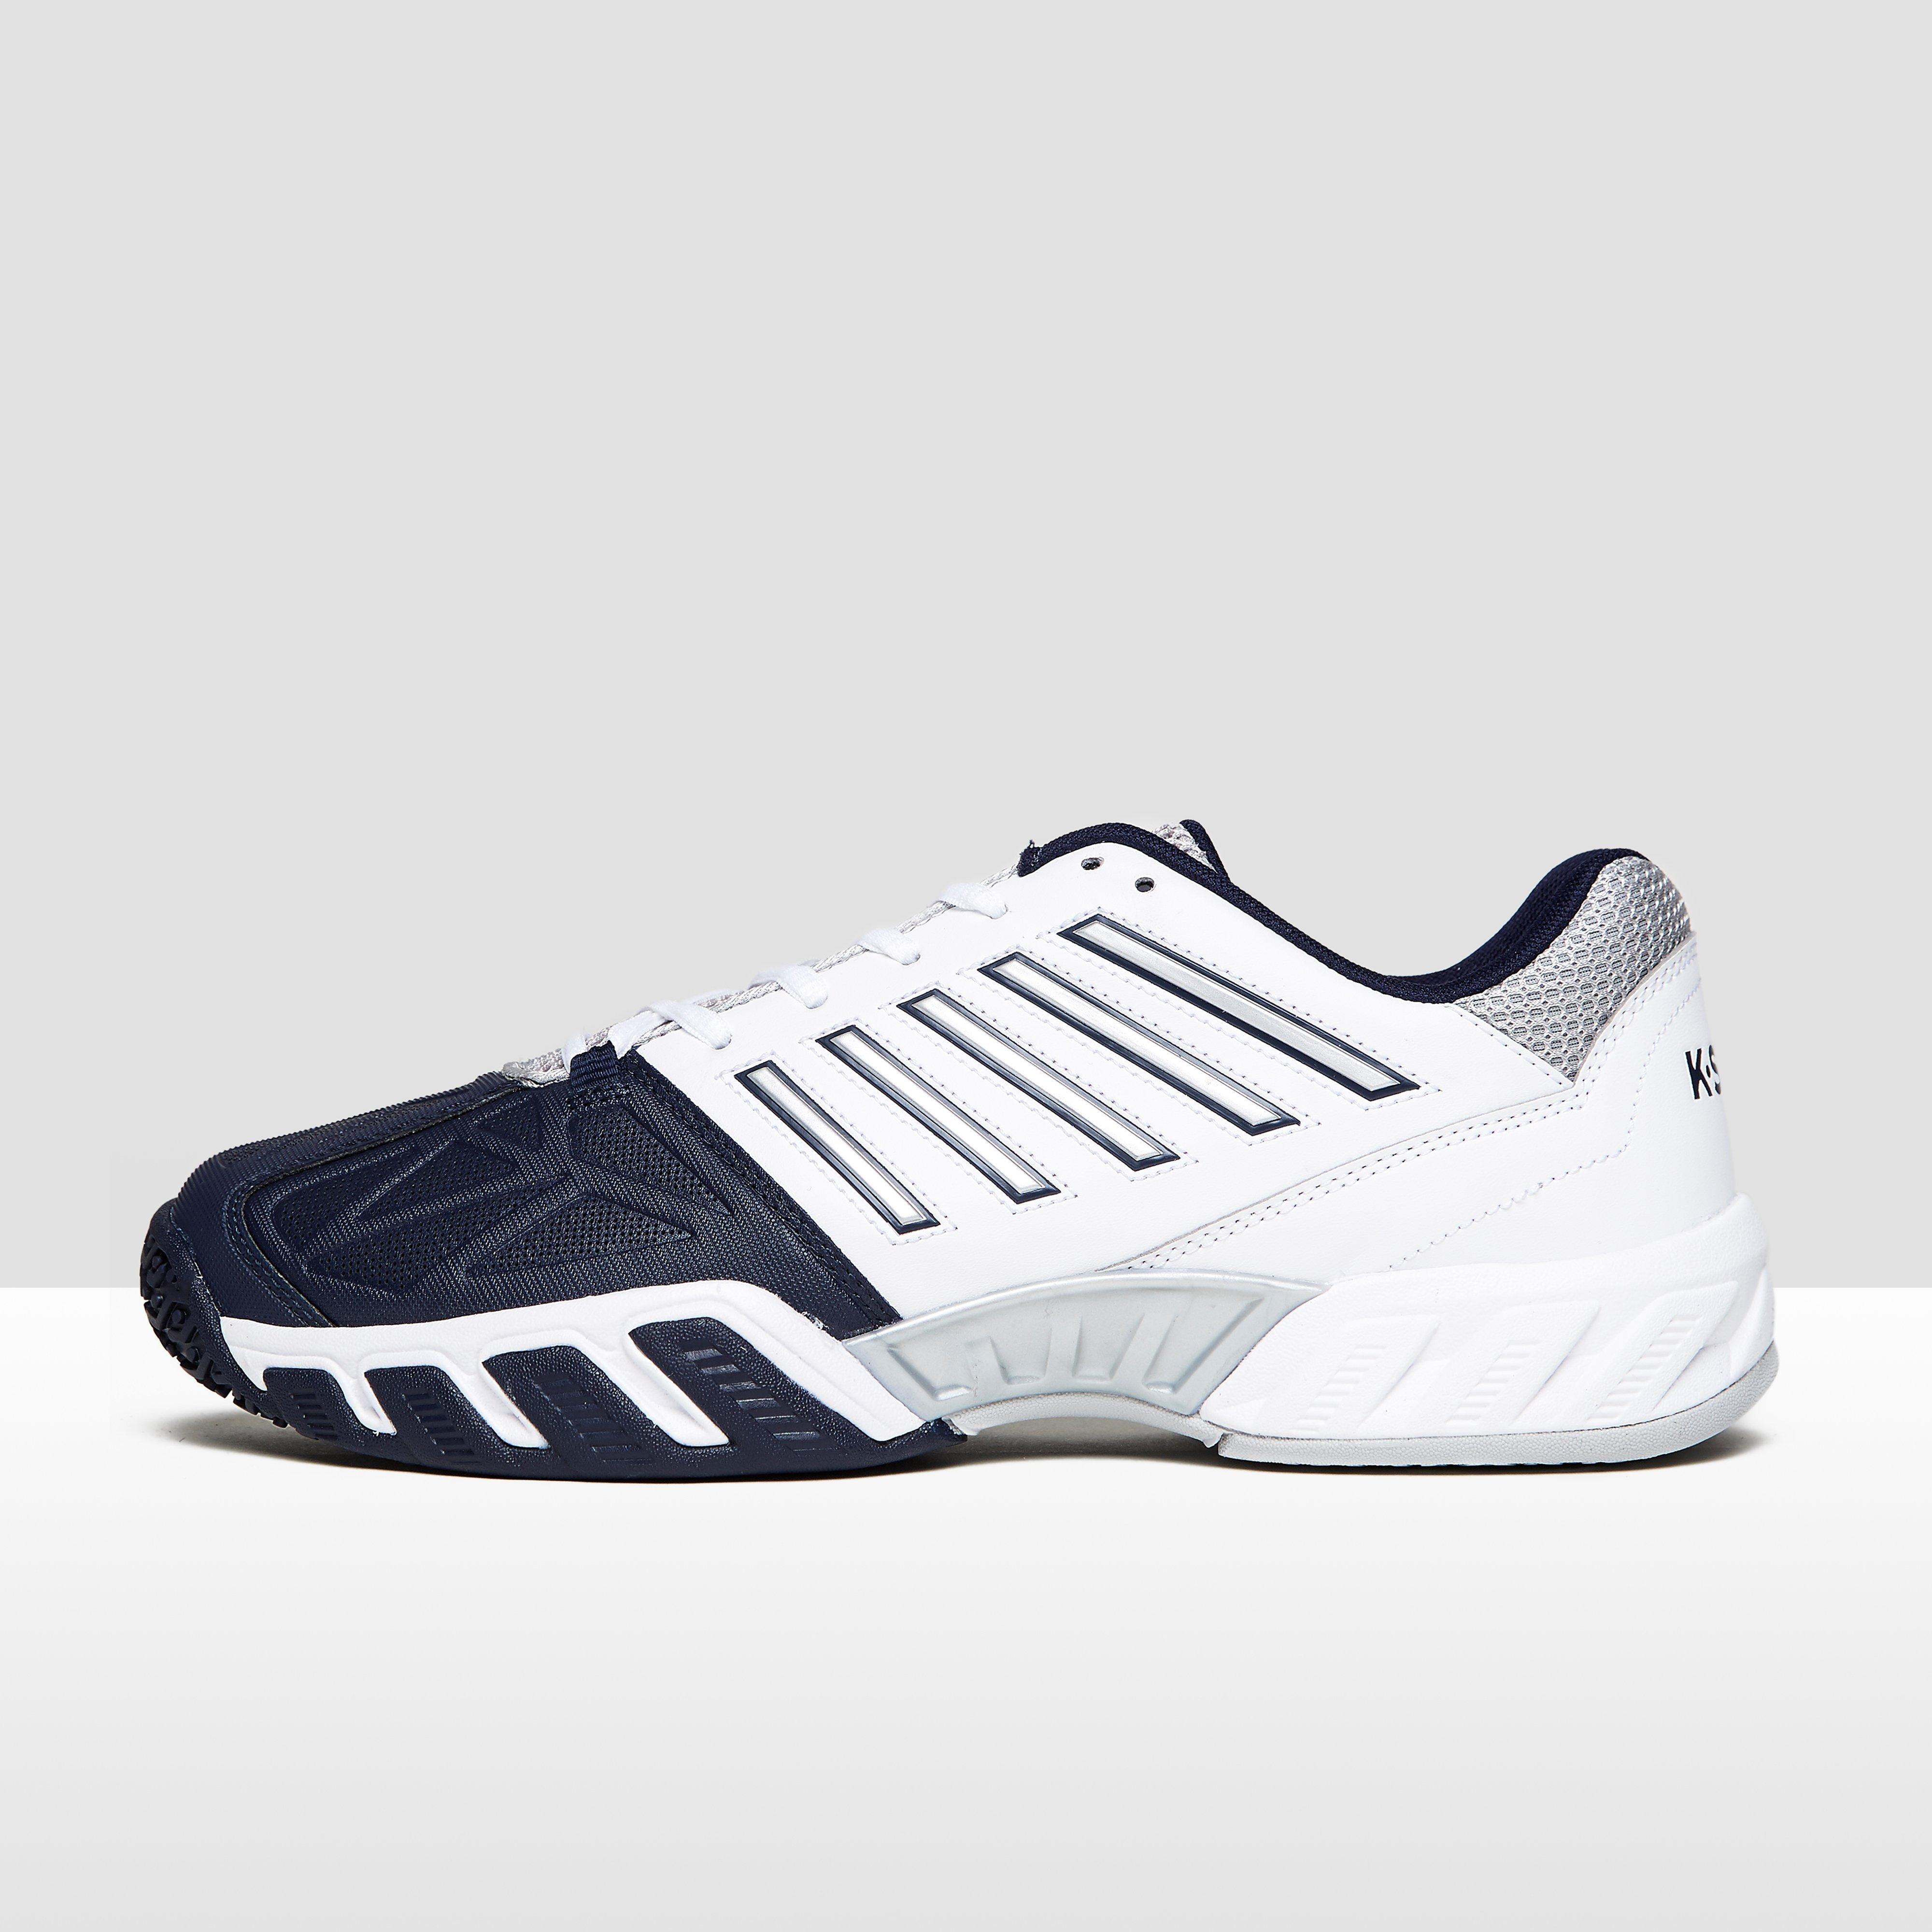 K-suisse - Lumière Bigshot Omni Trois Chaussures De Tennis - Femmes - Chaussures - Blanc - 38 075cJPYPL